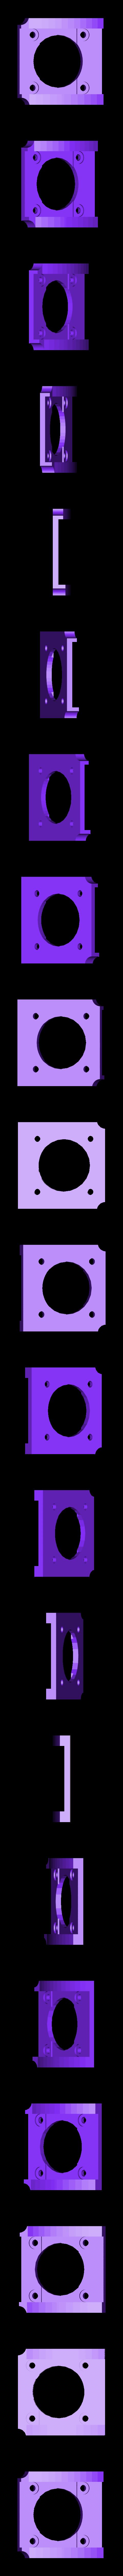 fixation_lipo_300mha_2S_Nanotech_mini_racer_brushless_0806_2s_.stl Download free STL file Mini Quad Racer 100mm Brushless GemFan 0806 6200kv 2S • 3D printer model, Microdure